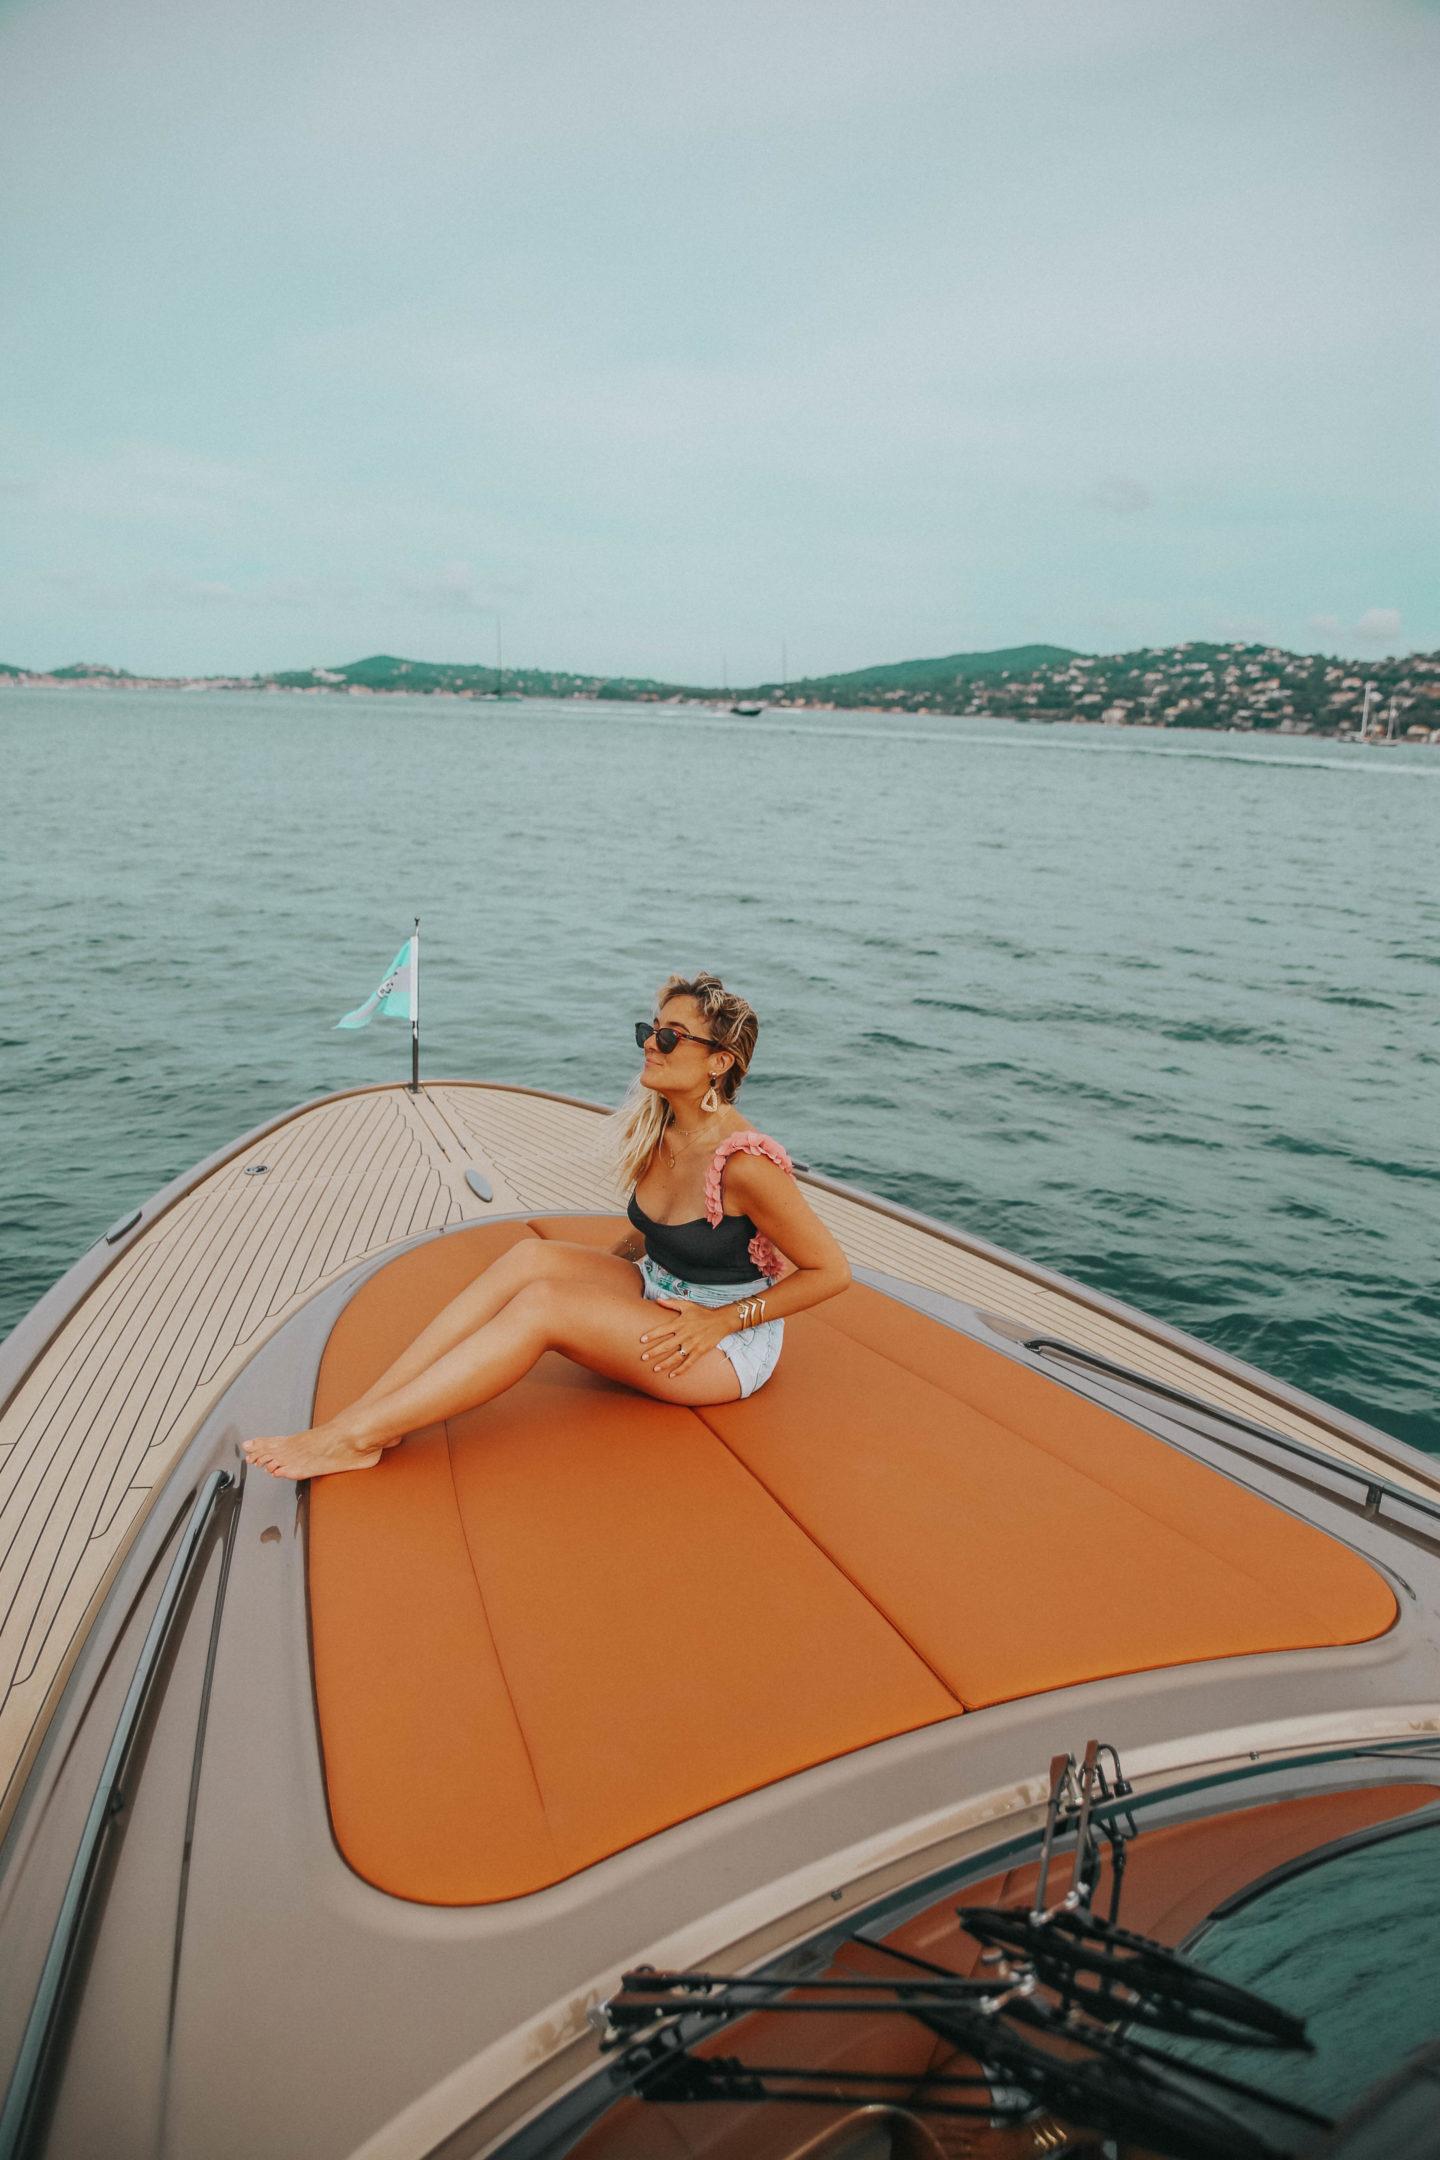 Tour de bateau Saint-Tropez - Blondie Baby blog mode Paris et voyages